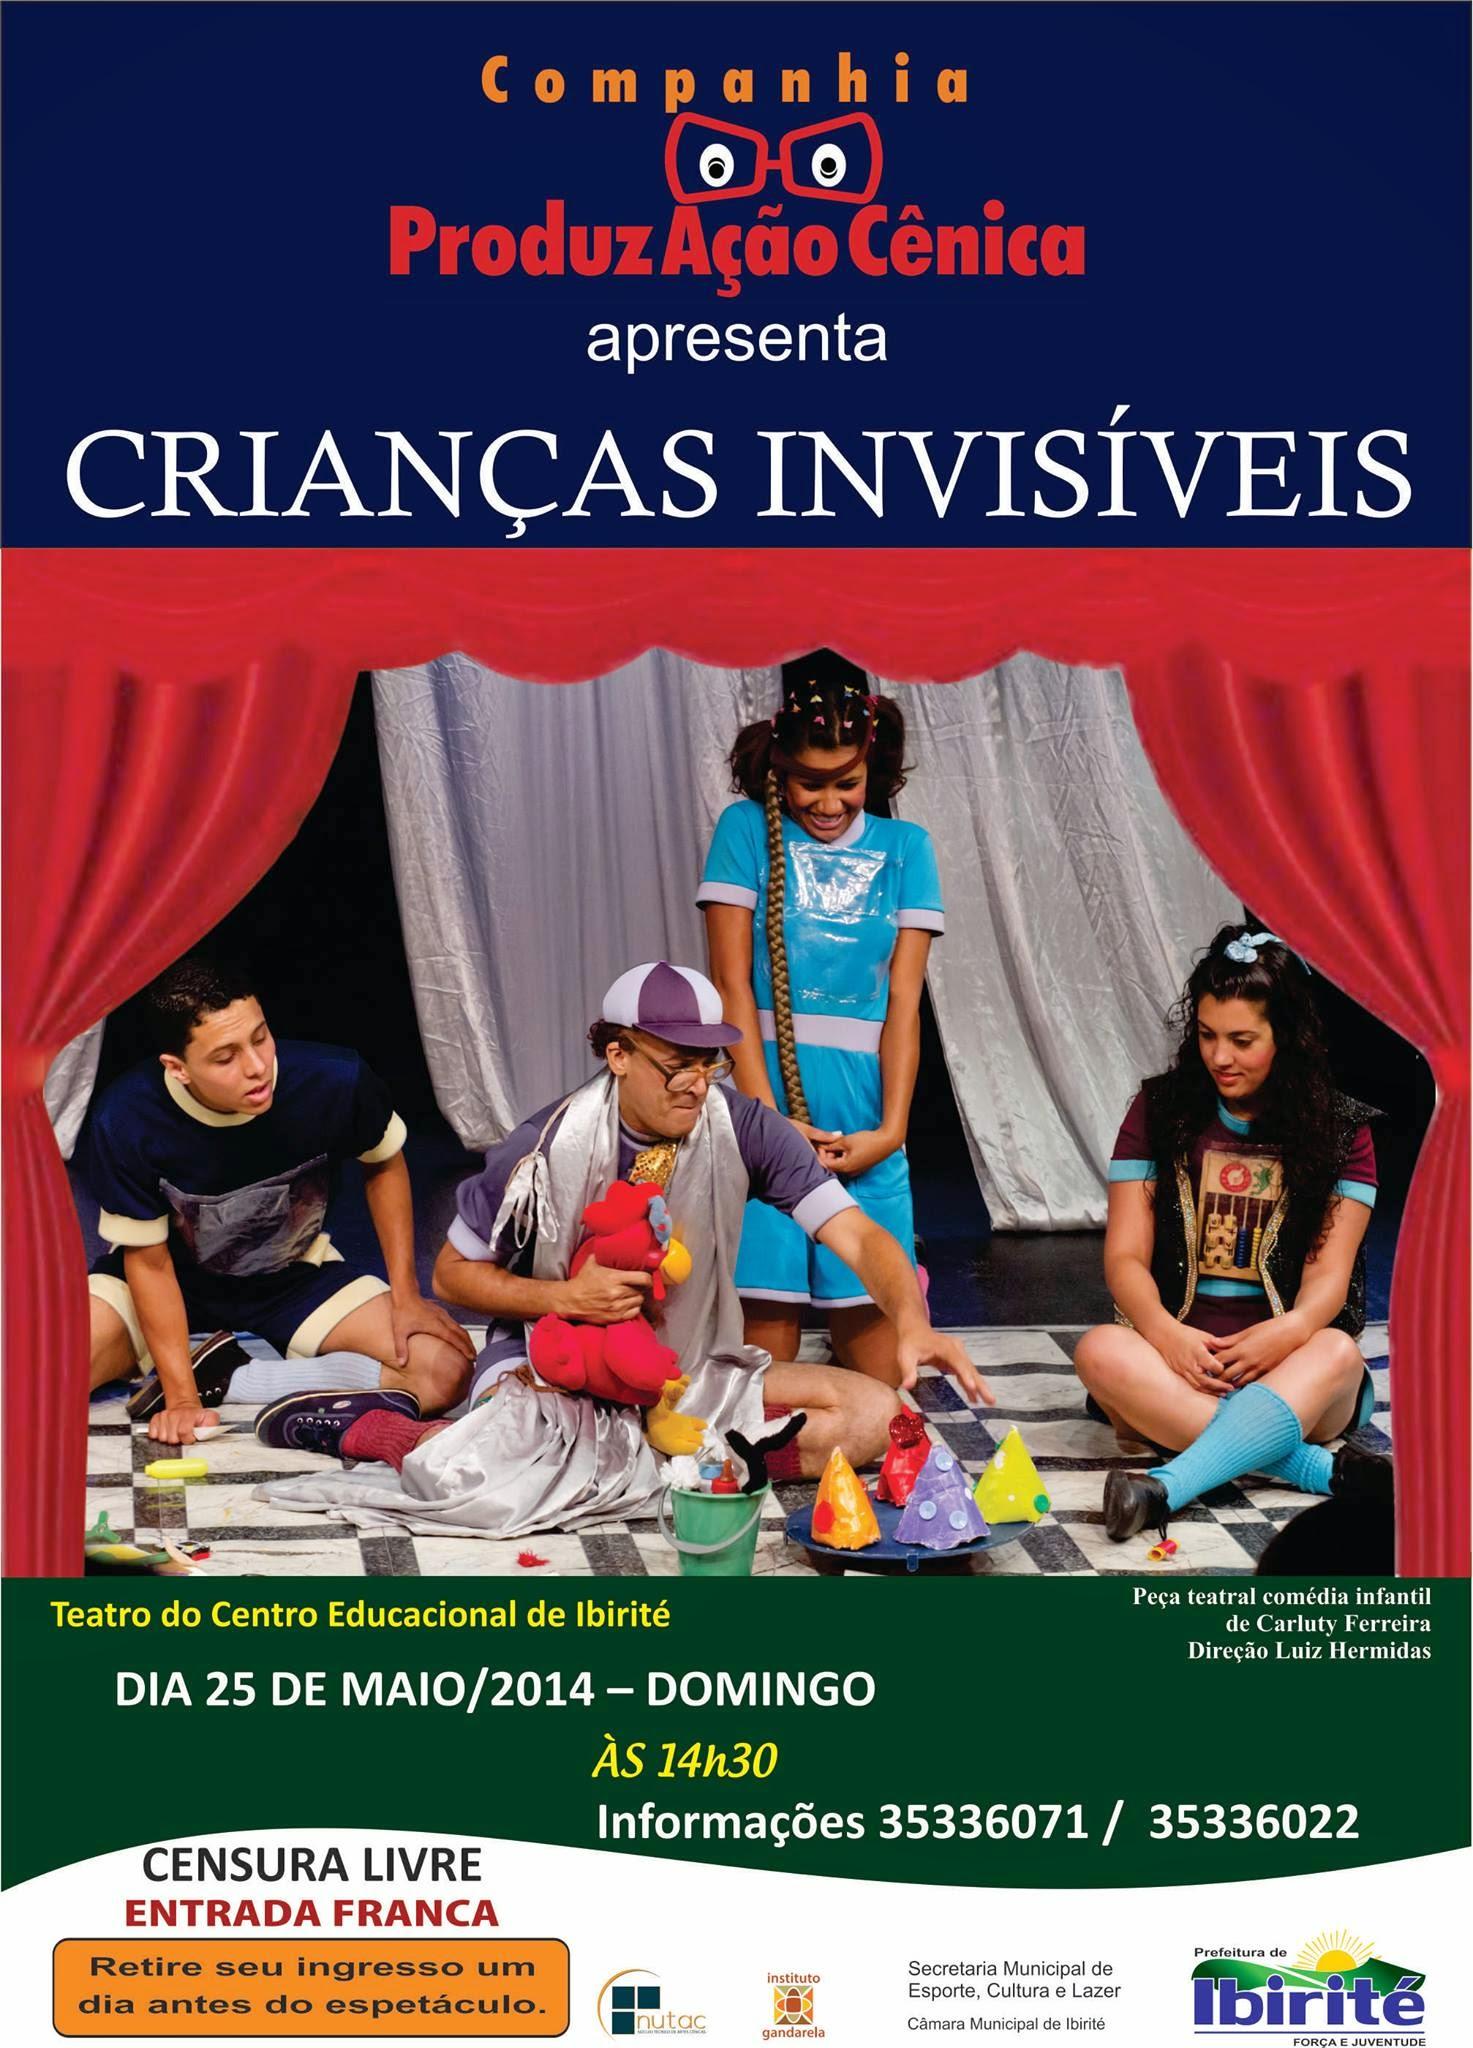 Crianças Invisíveis no Teatro do Centro Educacional de Ibirité